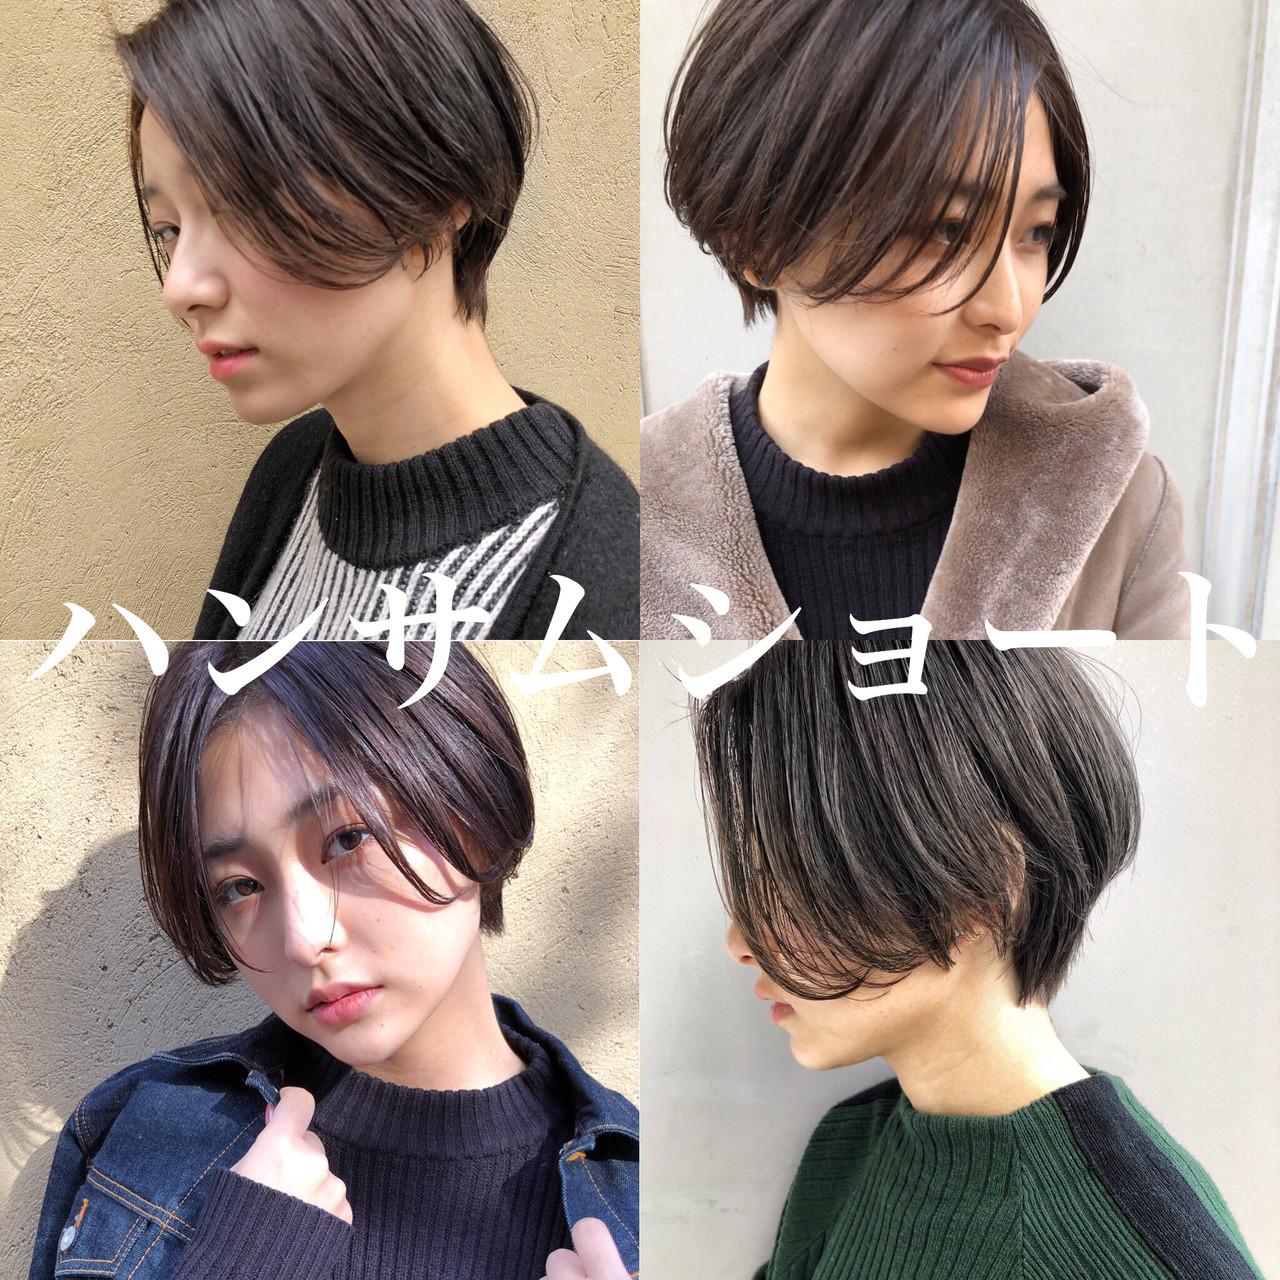 ヘアアレンジ 簡単ヘアアレンジ アンニュイほつれヘア アウトドアヘアスタイルや髪型の写真・画像